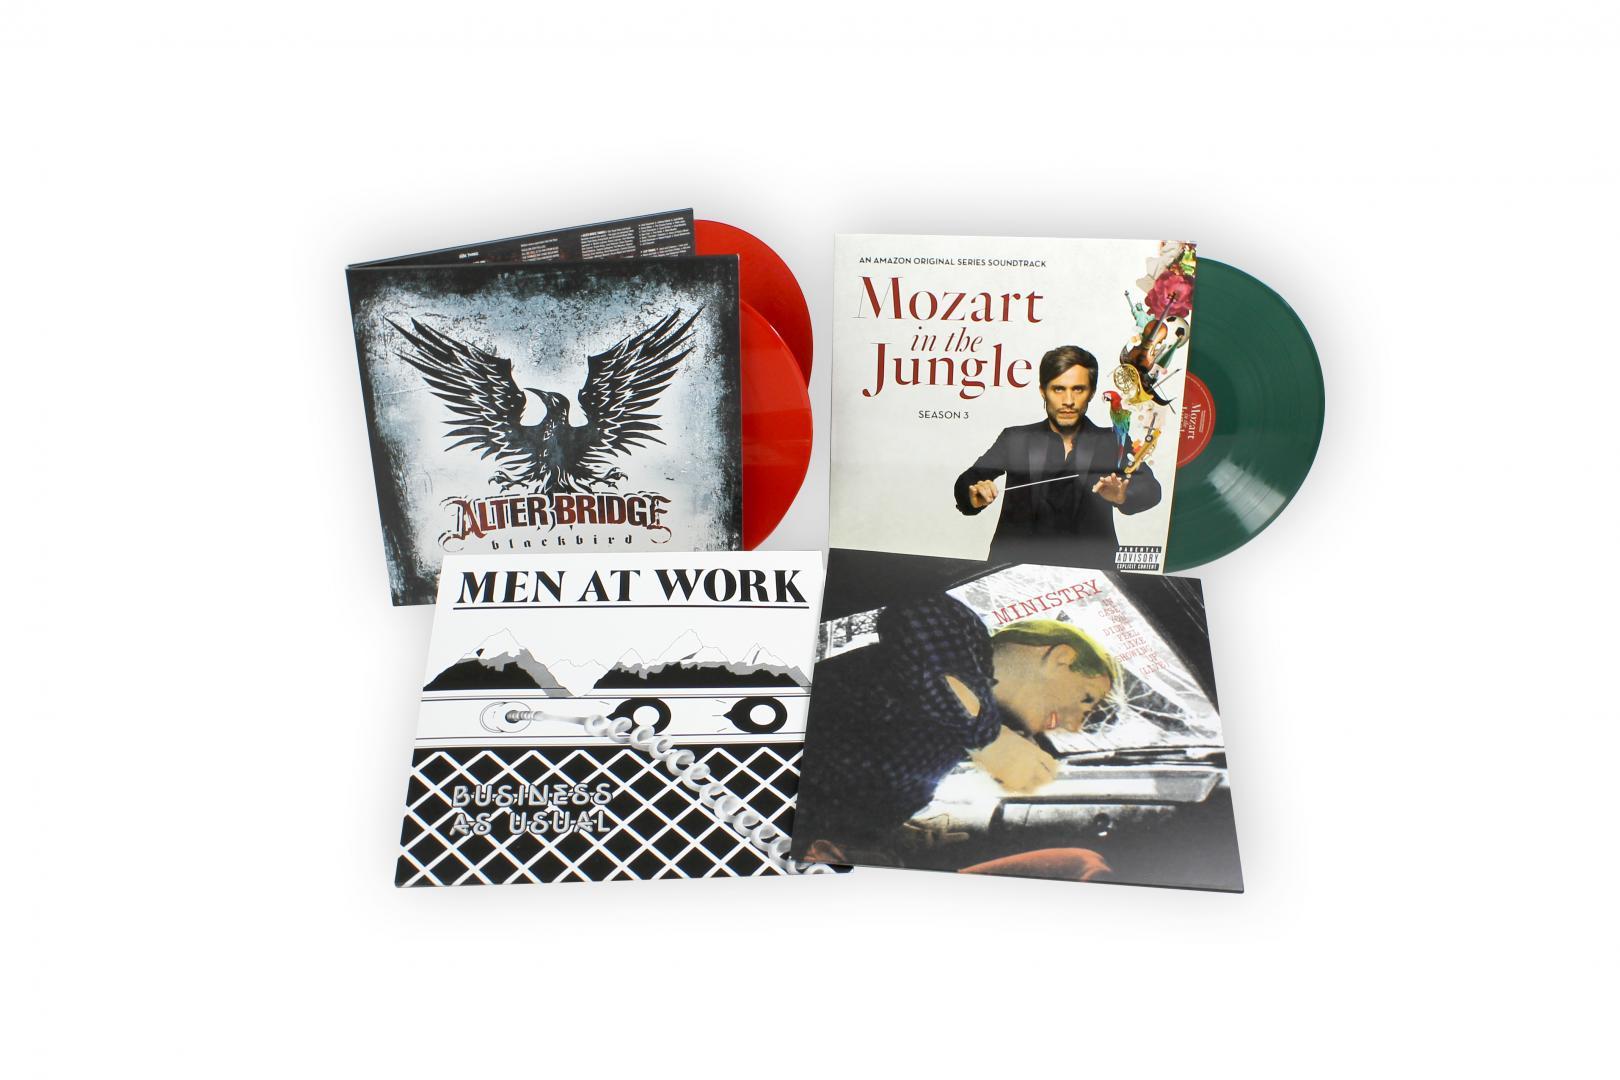 New Releases Week 10 Music On Vinyl